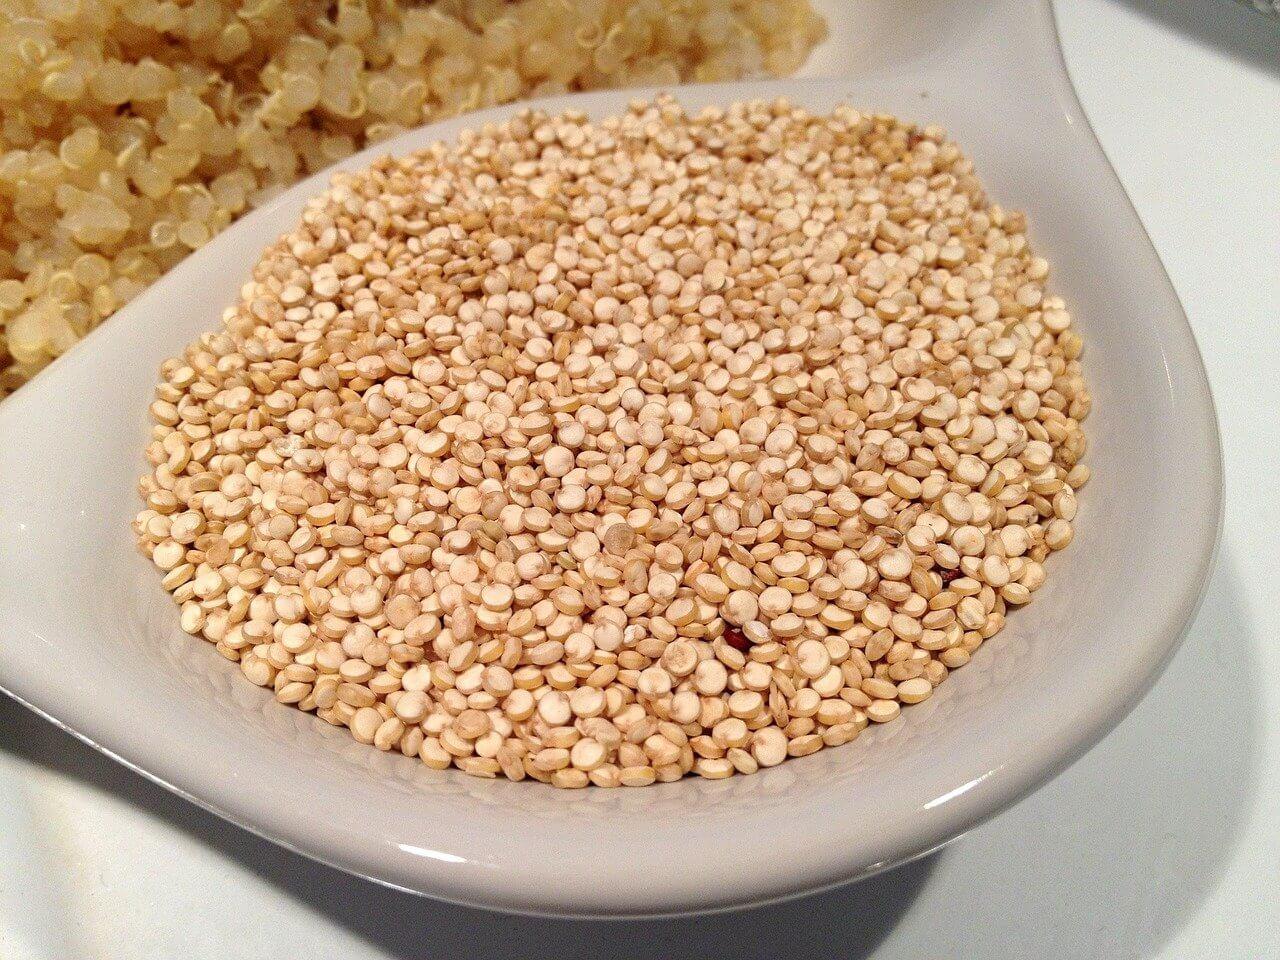 storing your quinoa